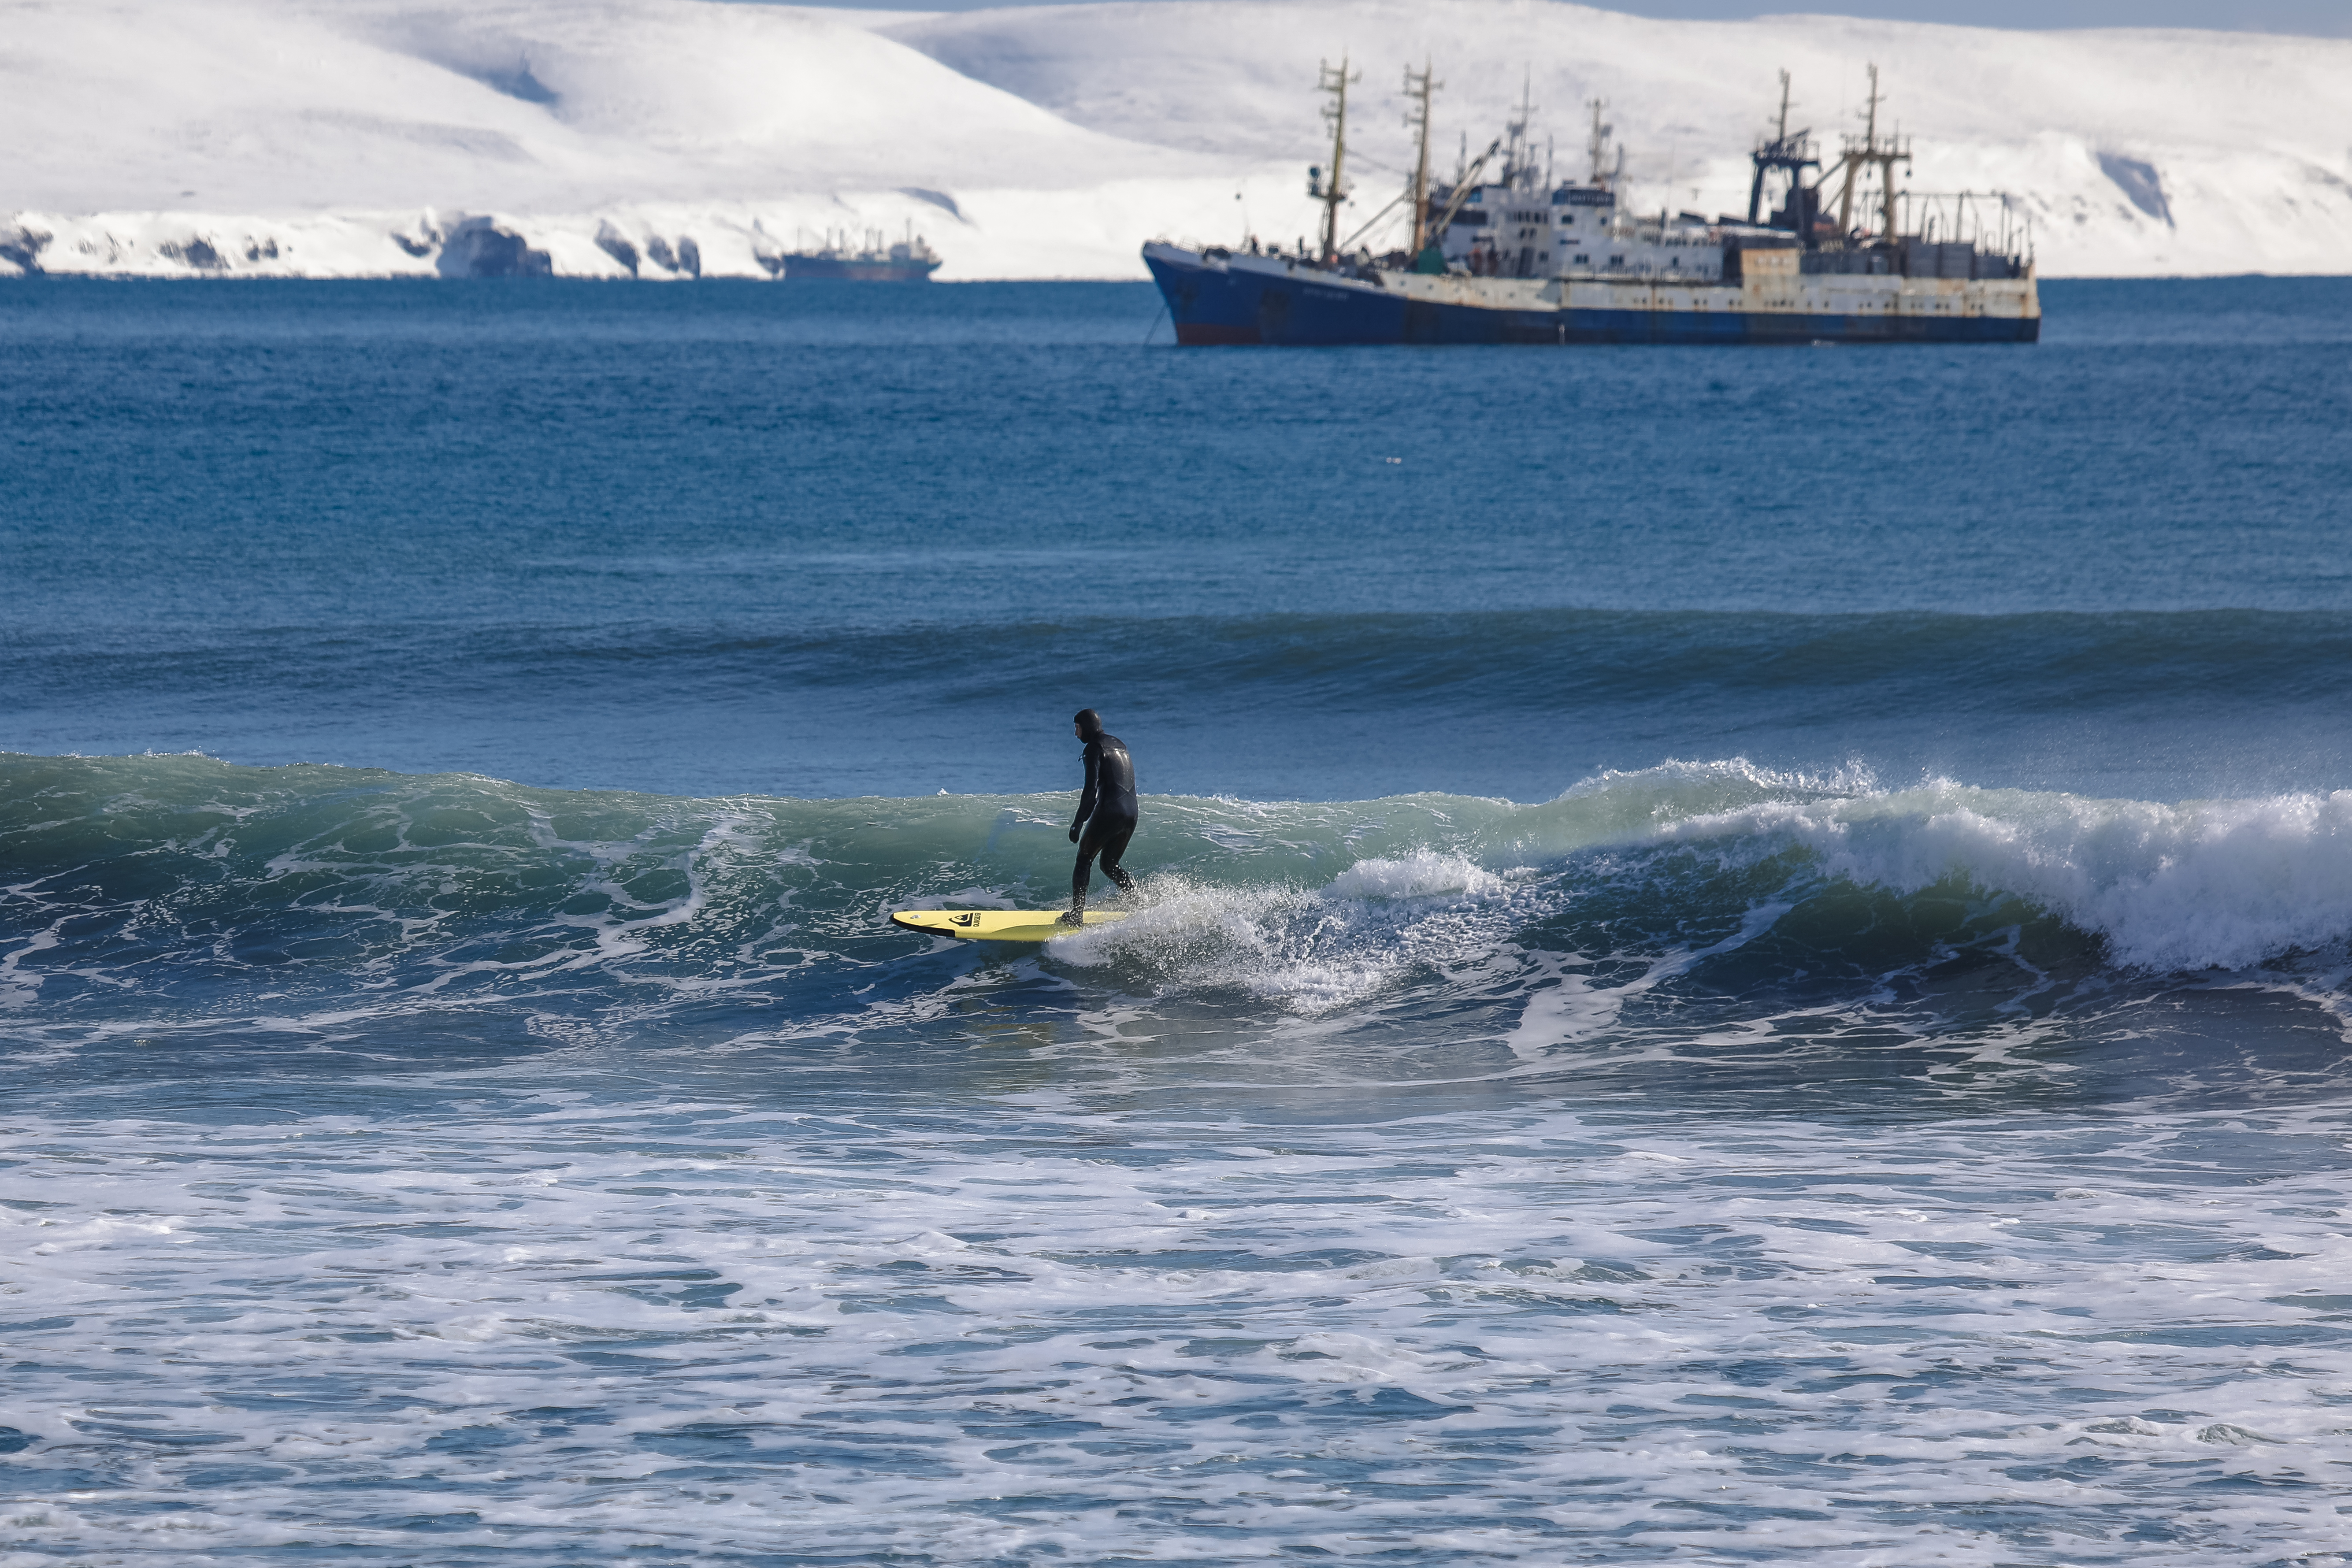 surfing_russia_paramushir_©taniaelisarieva_2017_172102